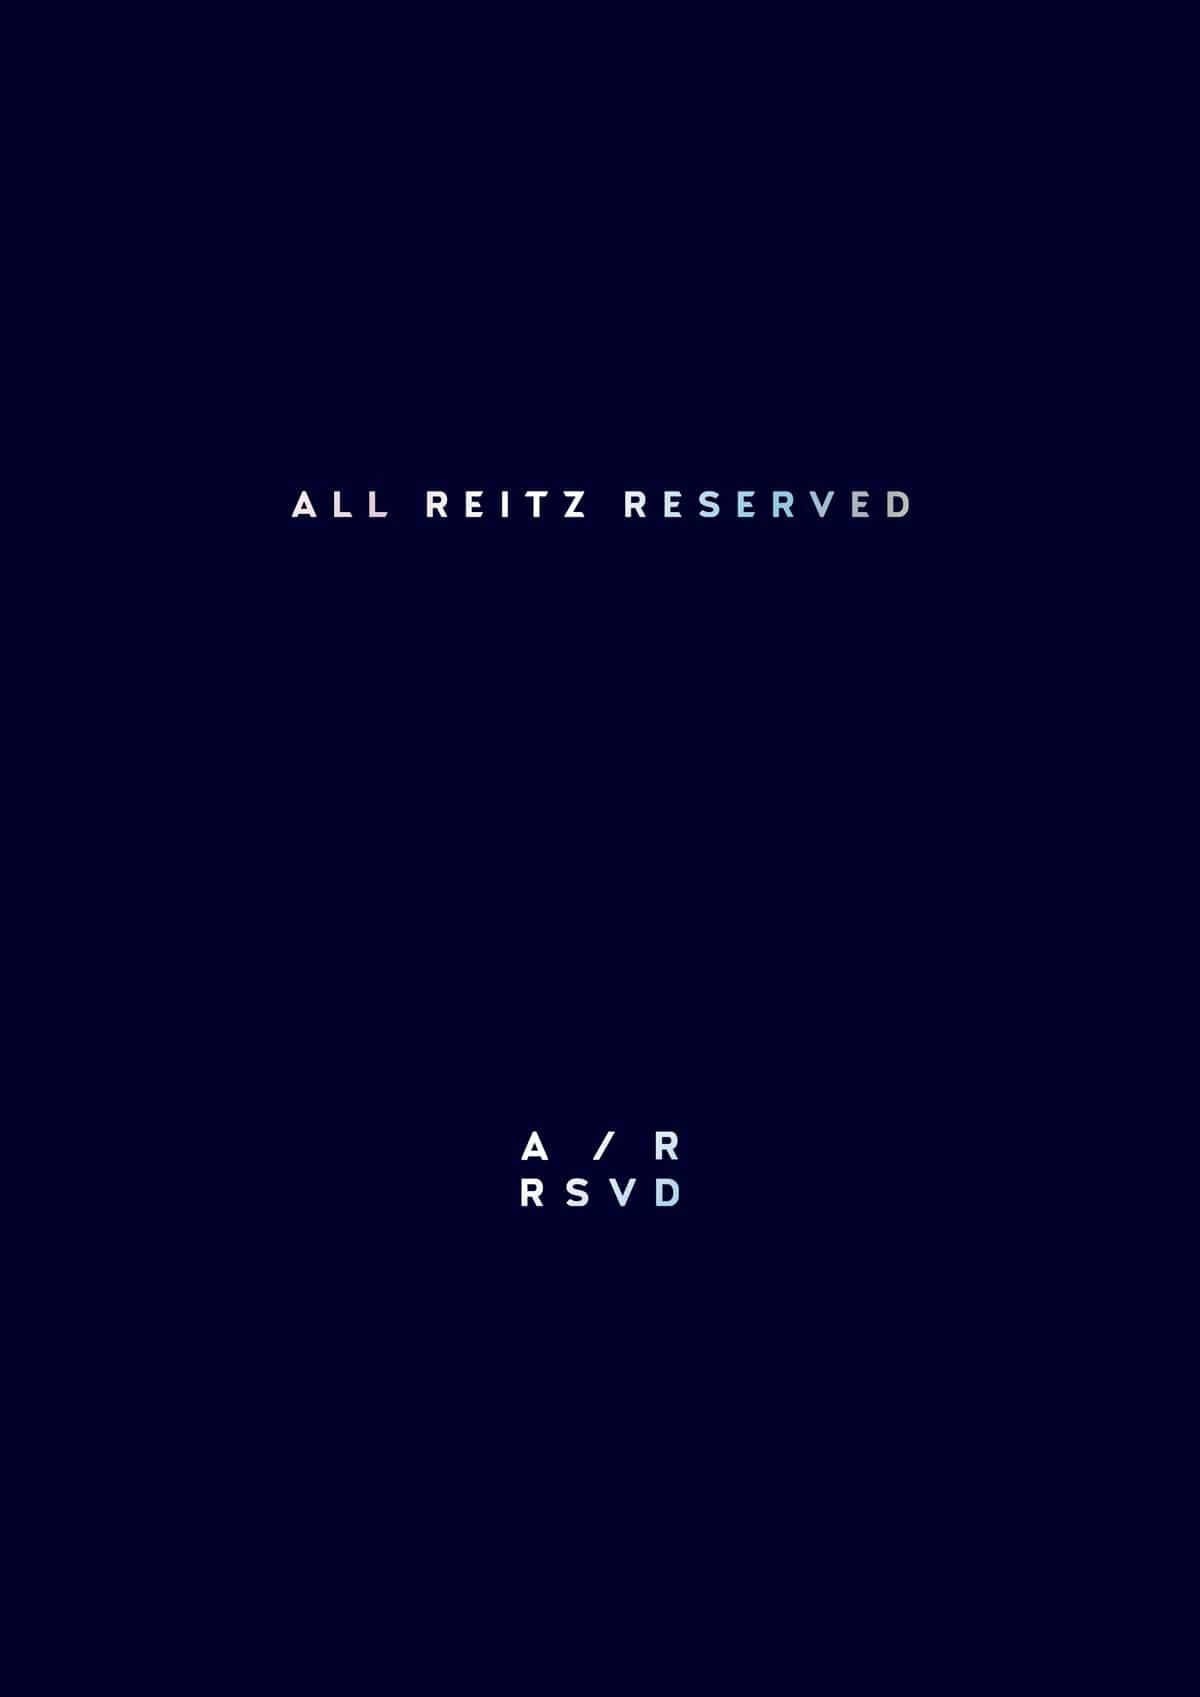 ARR-Presentation-Logo-Board-01